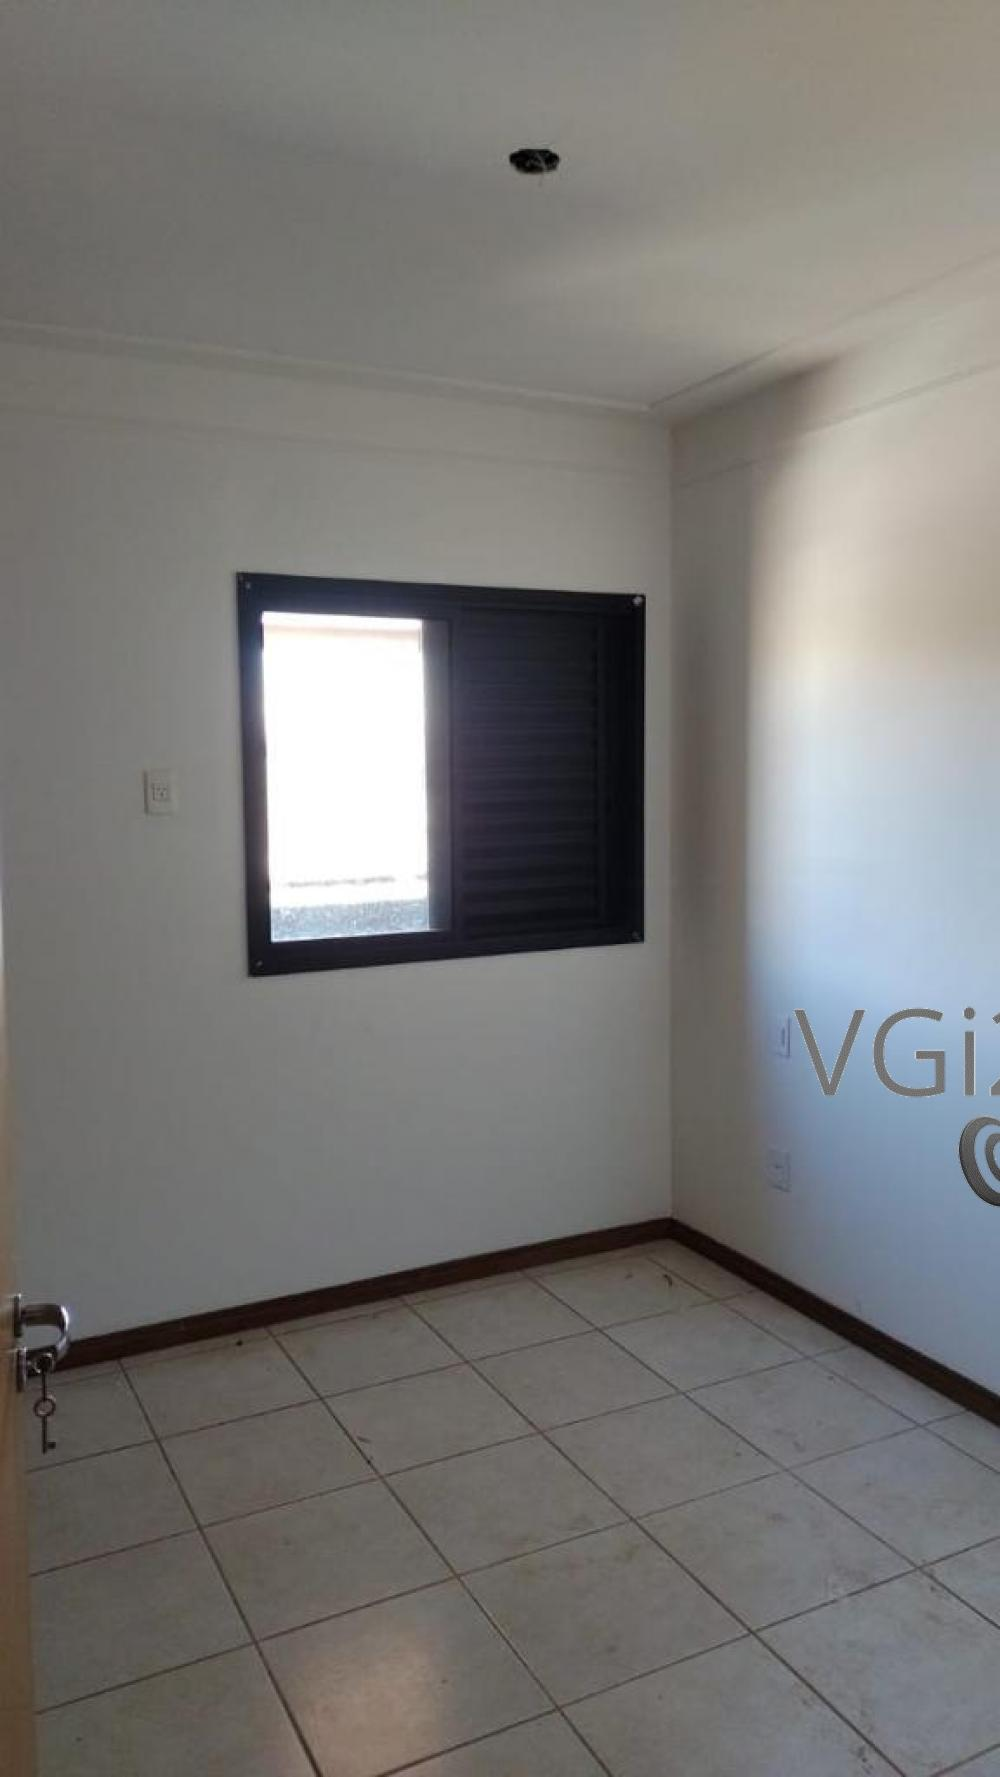 Comprar Apartamento / Padrão em Ribeirão Preto R$ 367.500,00 - Foto 17